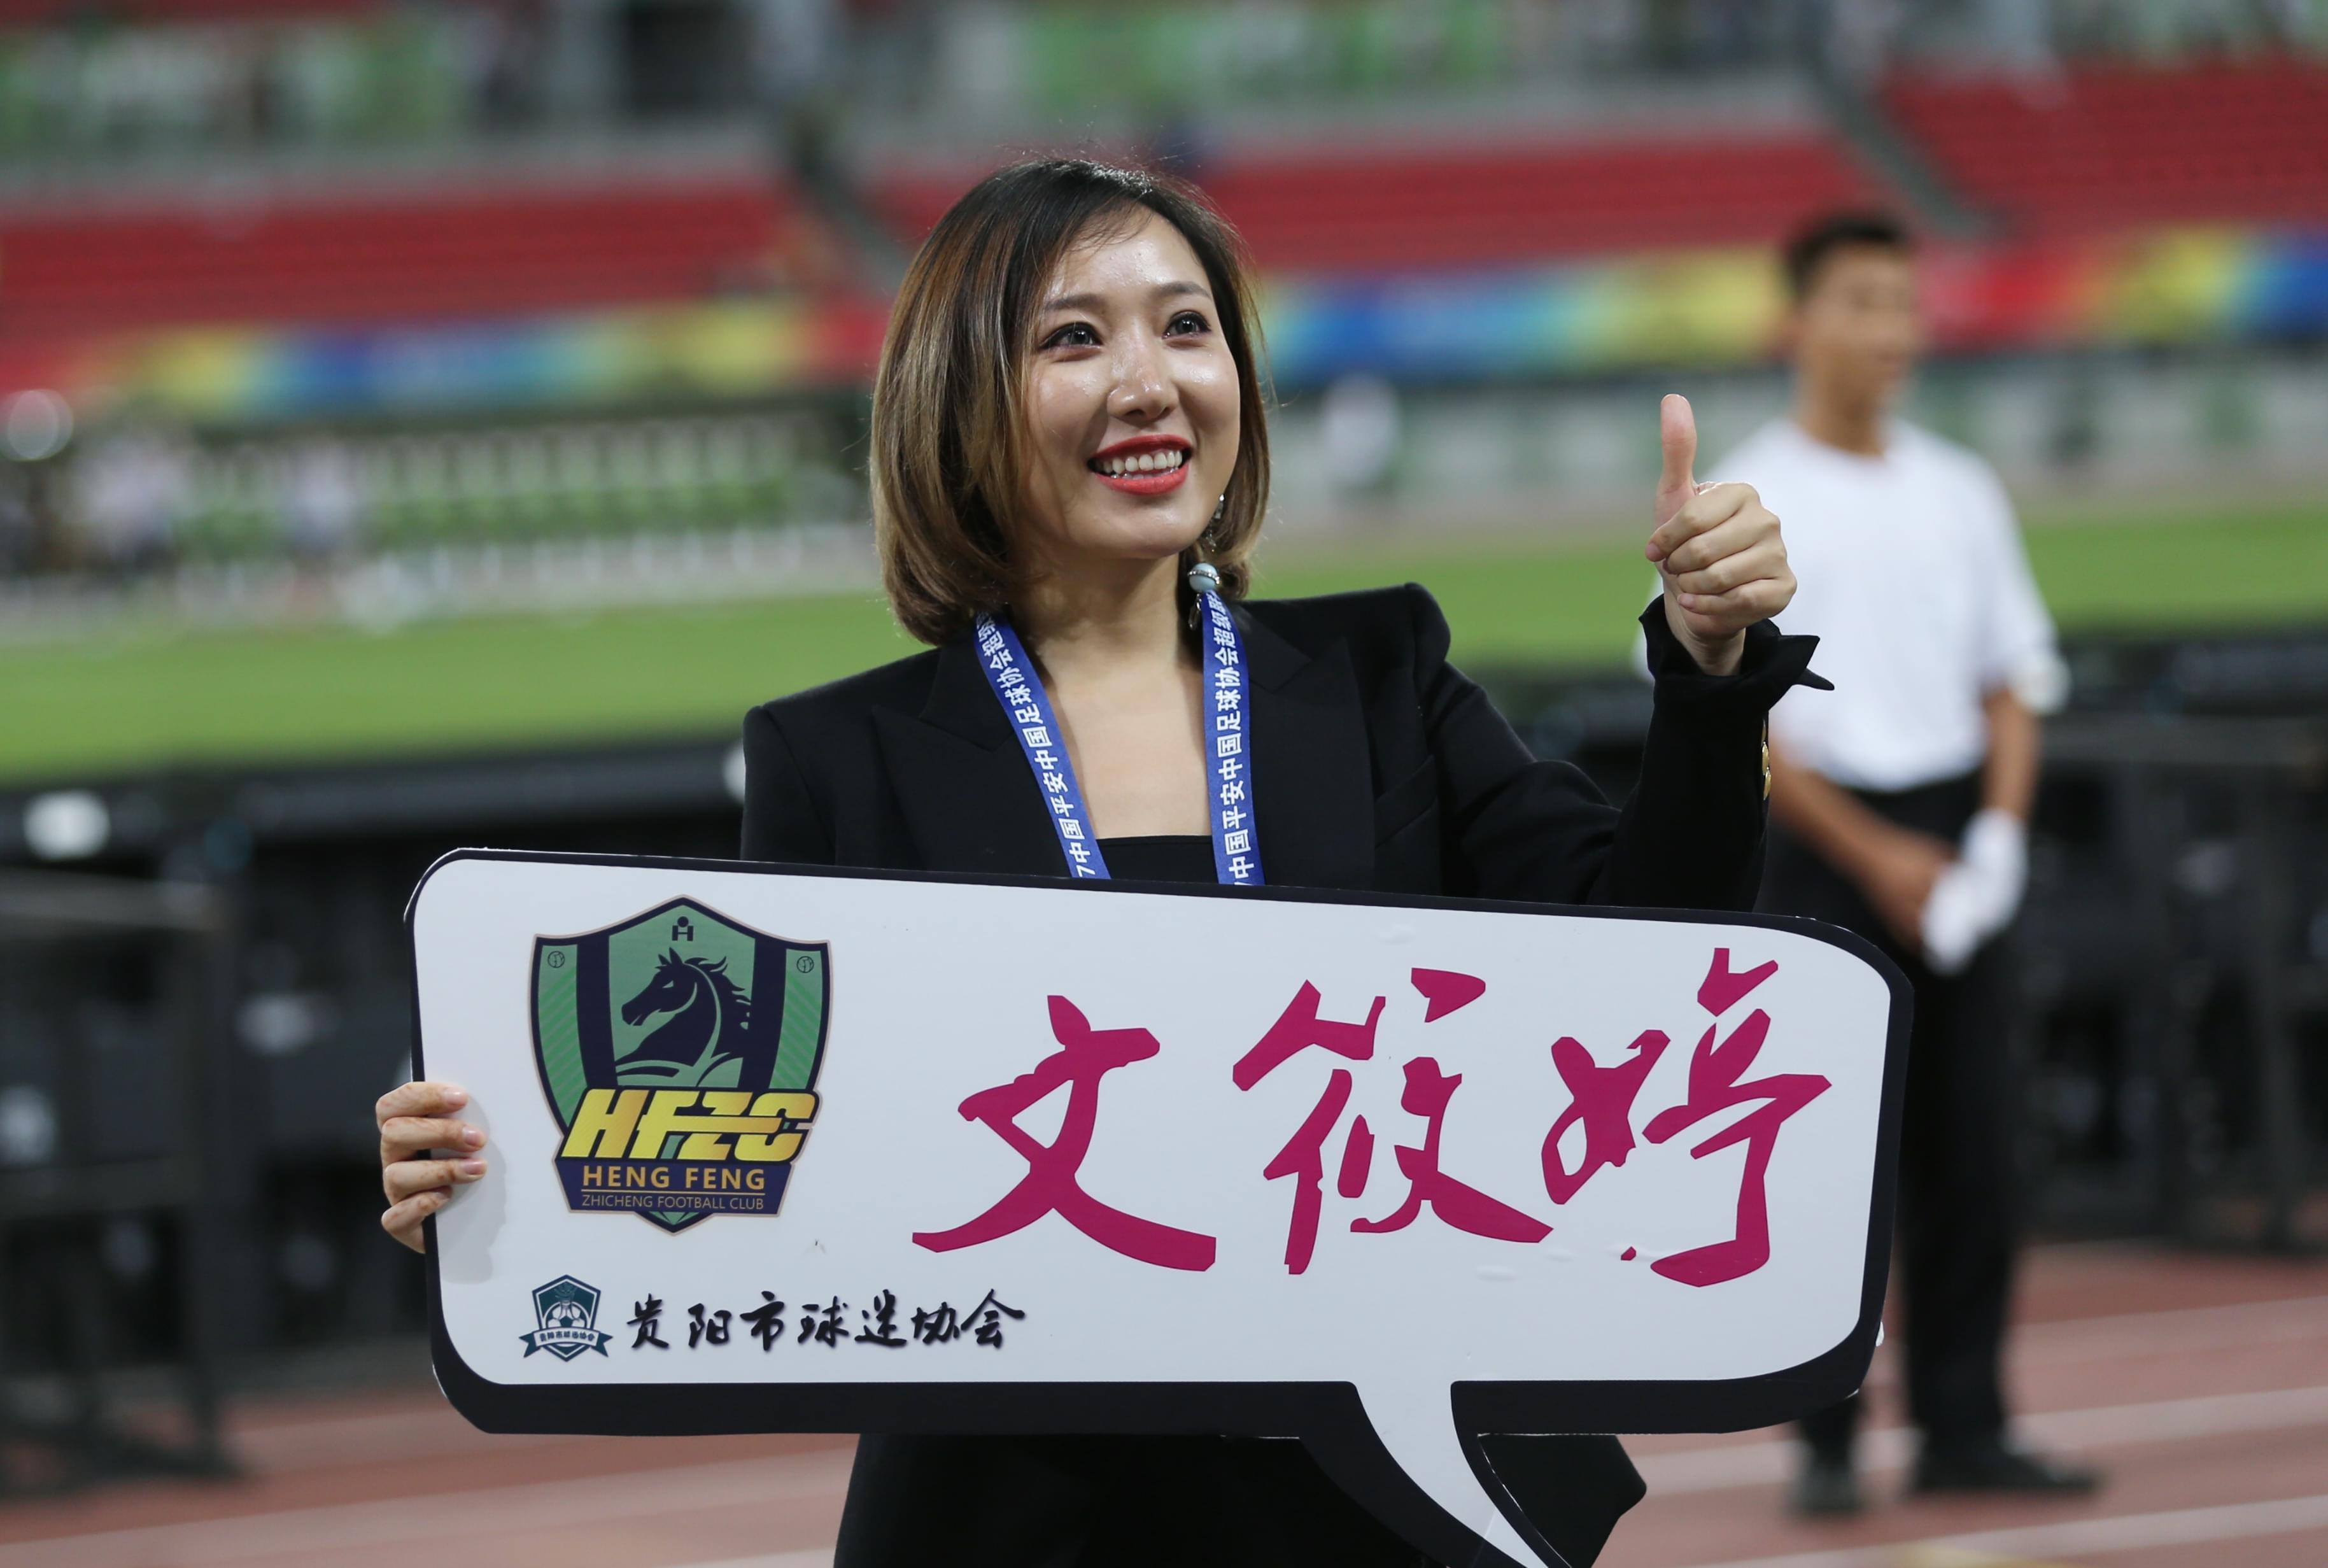 文筱婷的小梦想:建10万人球场 坐满热爱足球的球迷